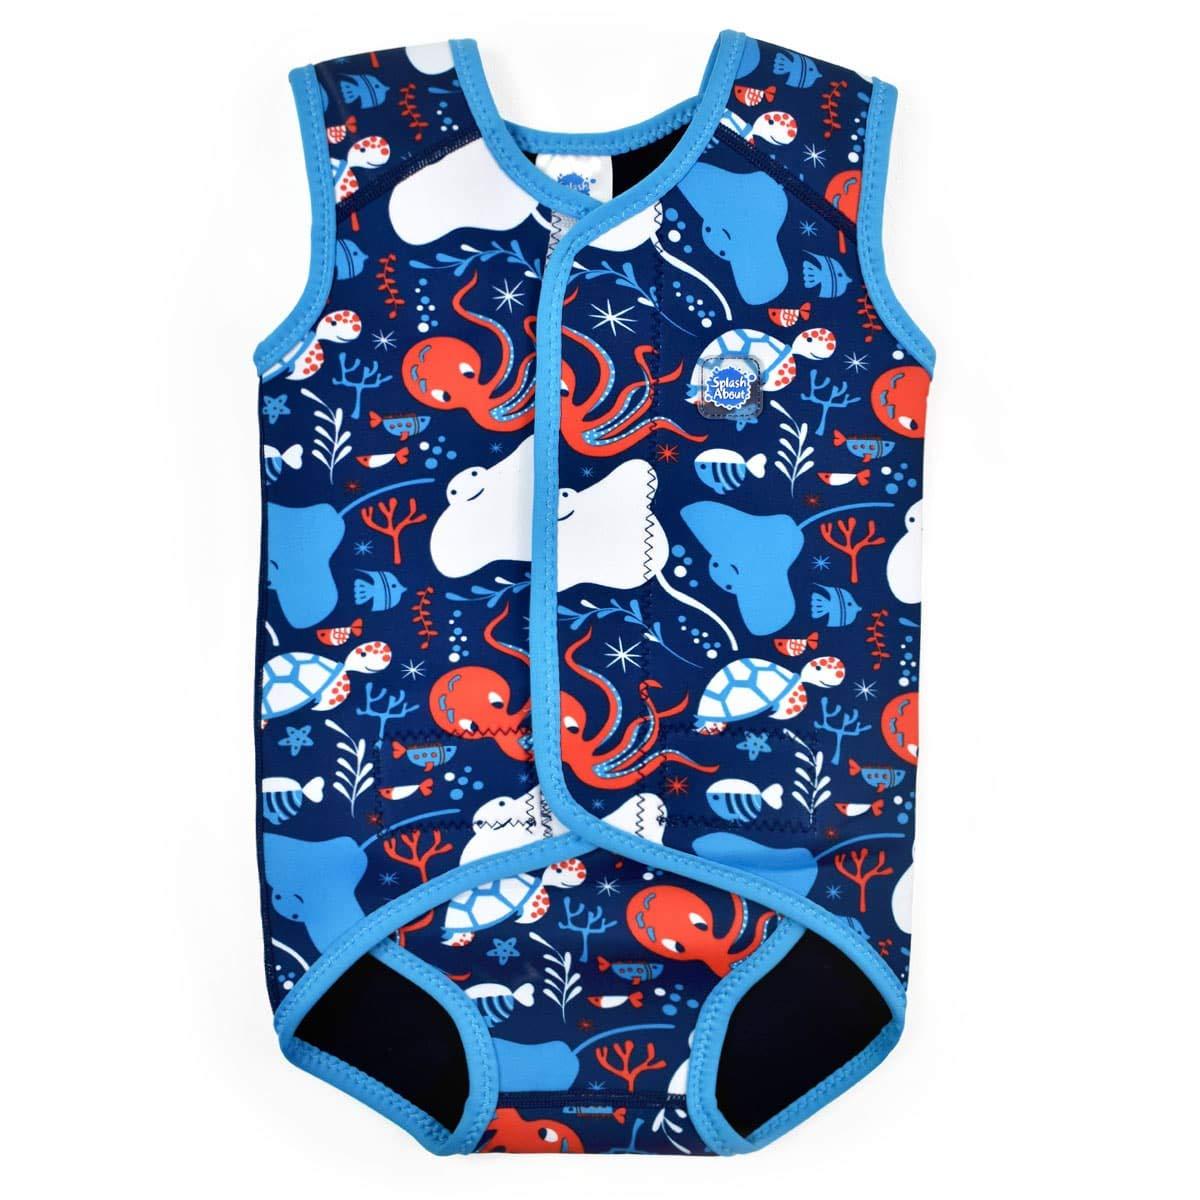 Splash About Baby Wrap Wetsuit Traje De Neopreno, Niños, Bebé ...